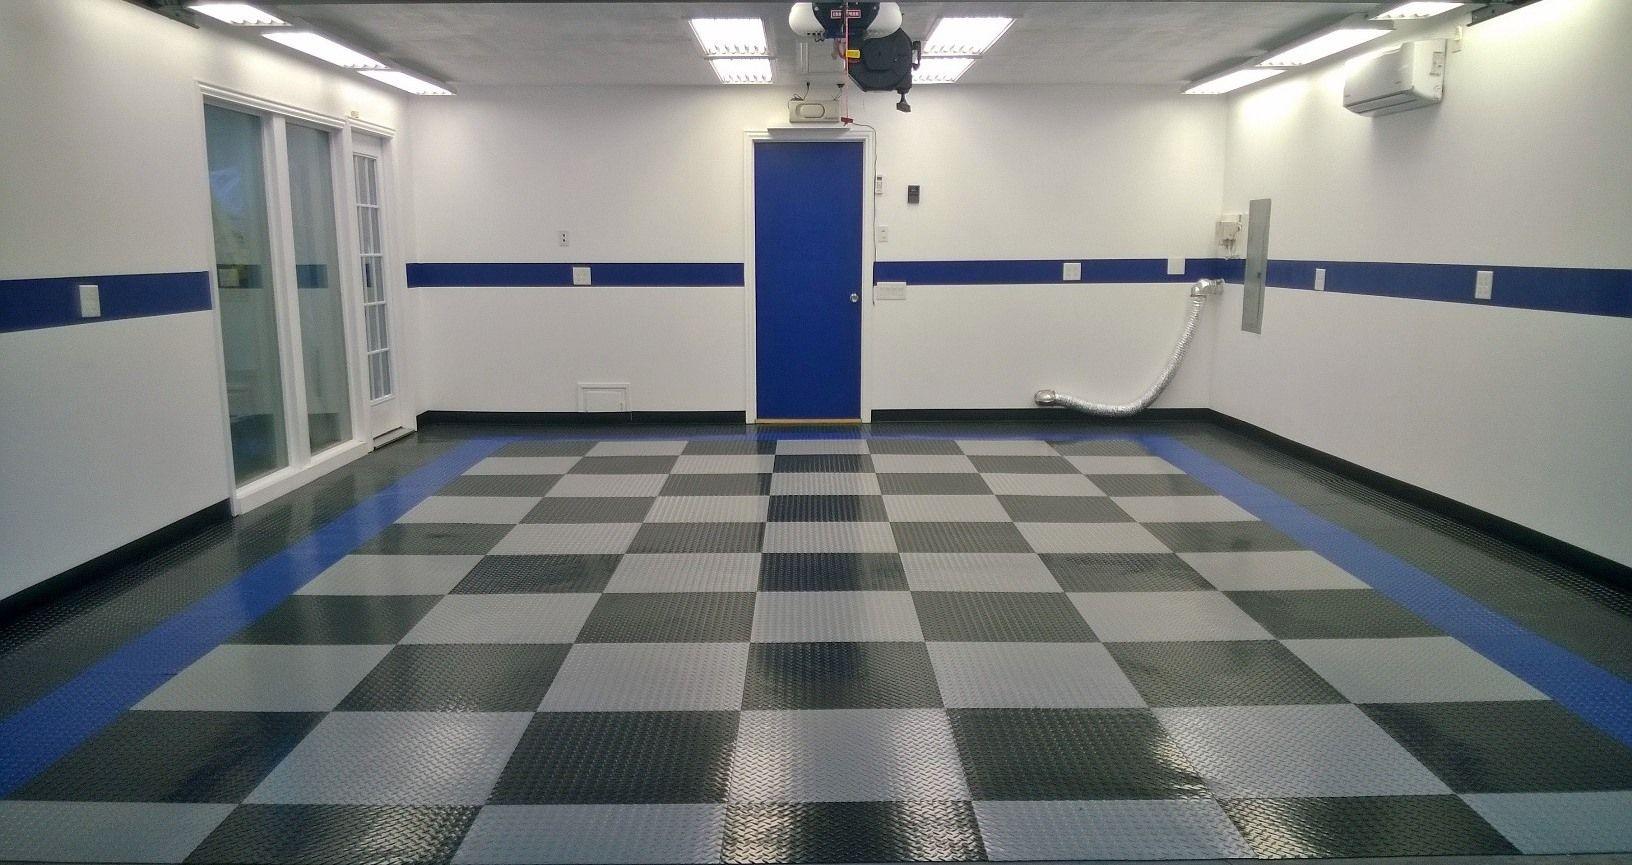 Garage Floor Tiles American Made Truelock Hd Racedeck Garage